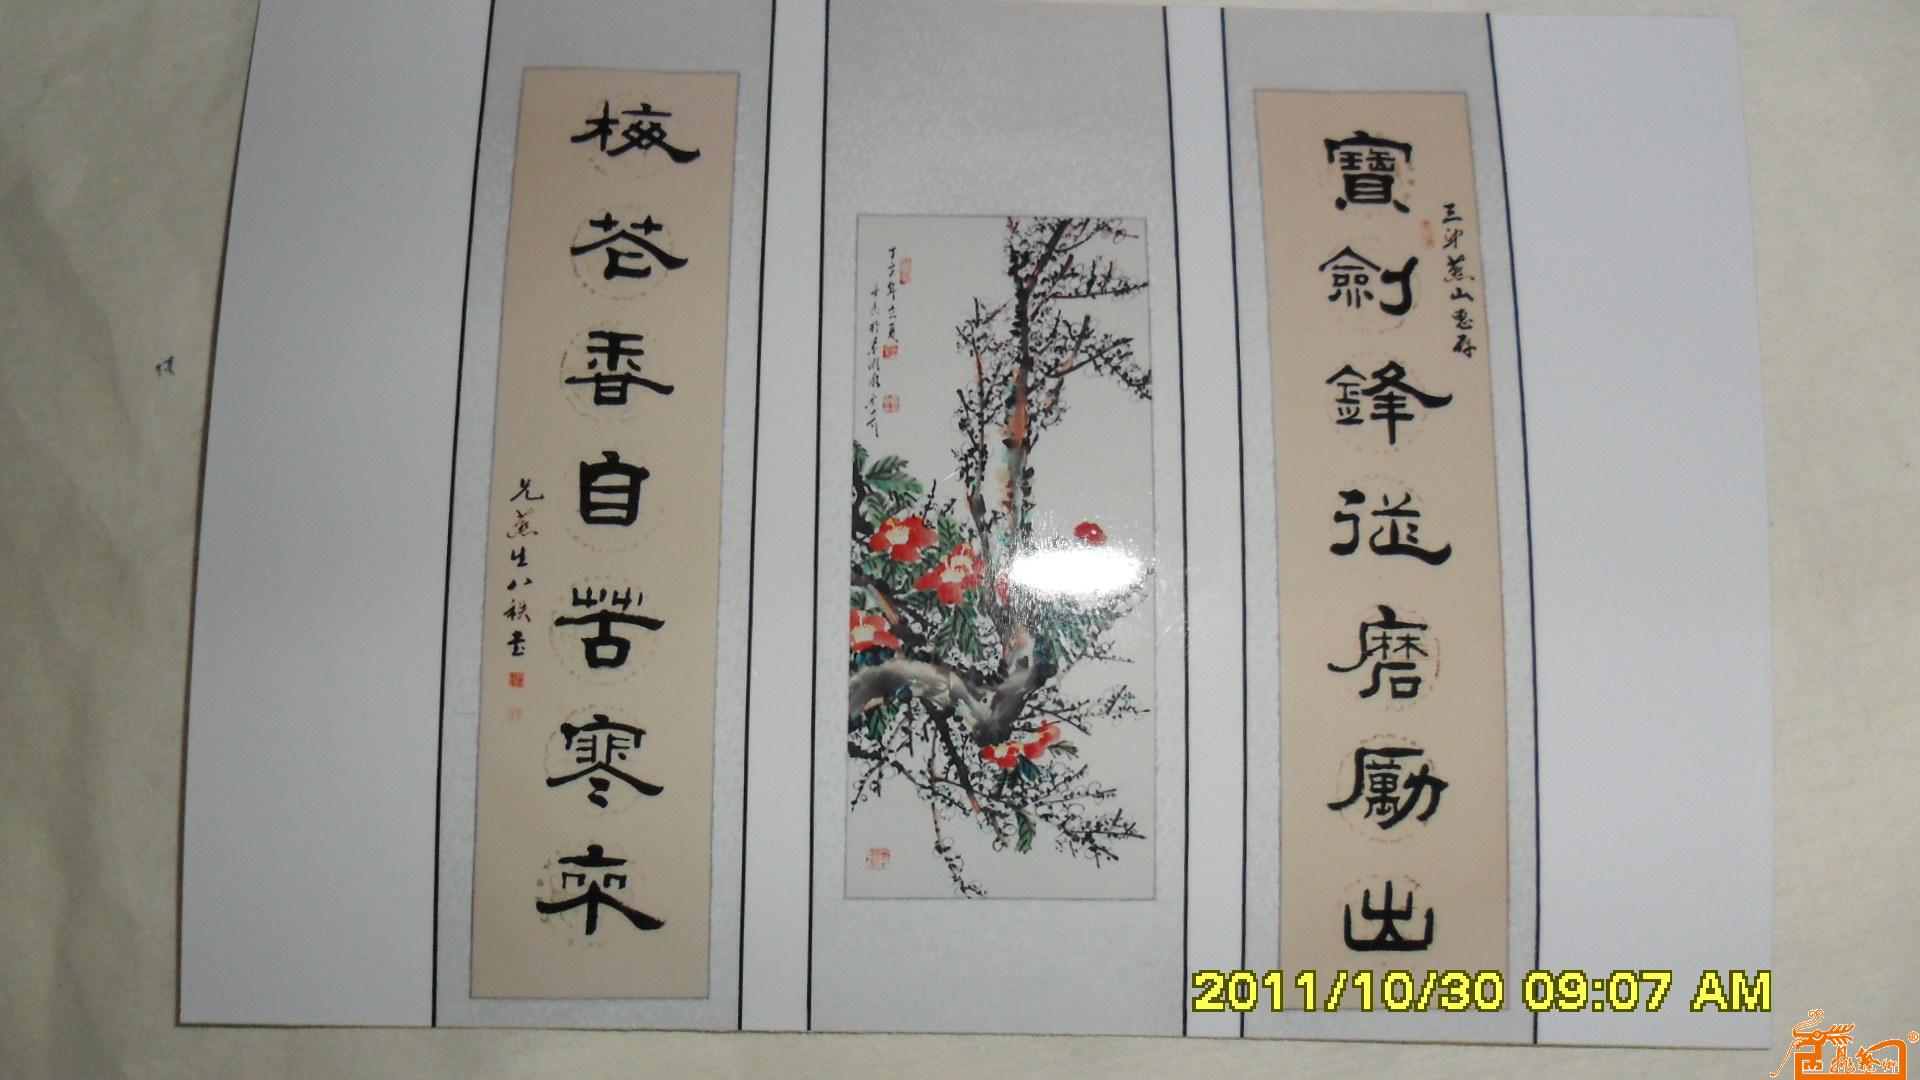 尹燕生-对联-淘宝-名人字画-中国书画交易中心,中国,.